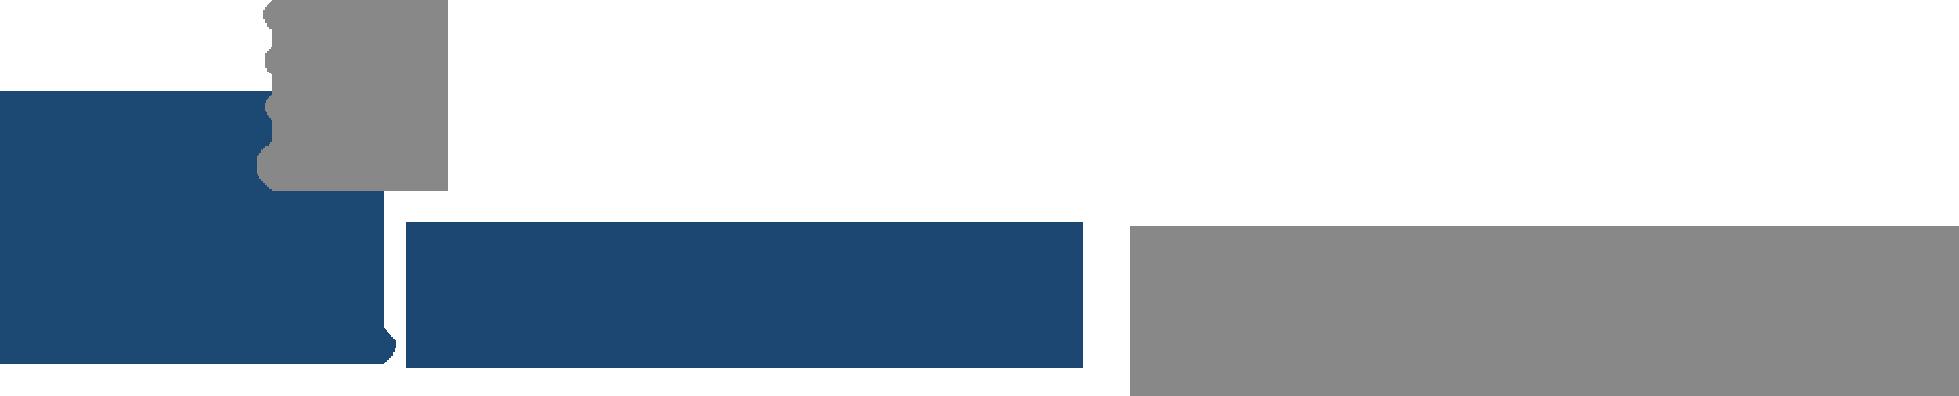 Techi Signals